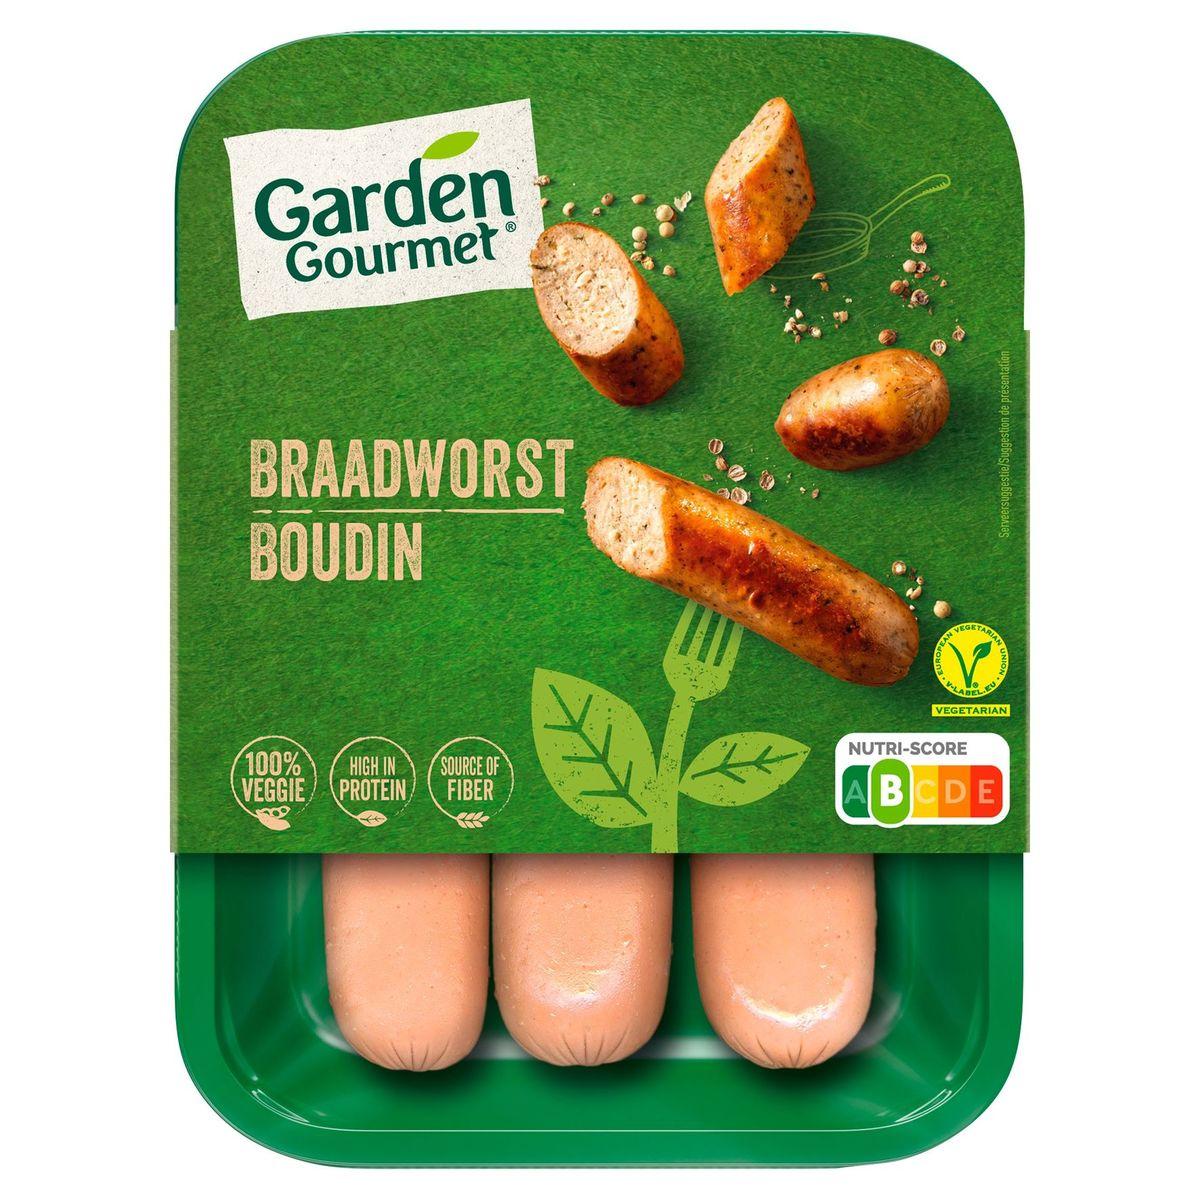 GARDEN GOURMET Boudins Végétariens x3 180 g